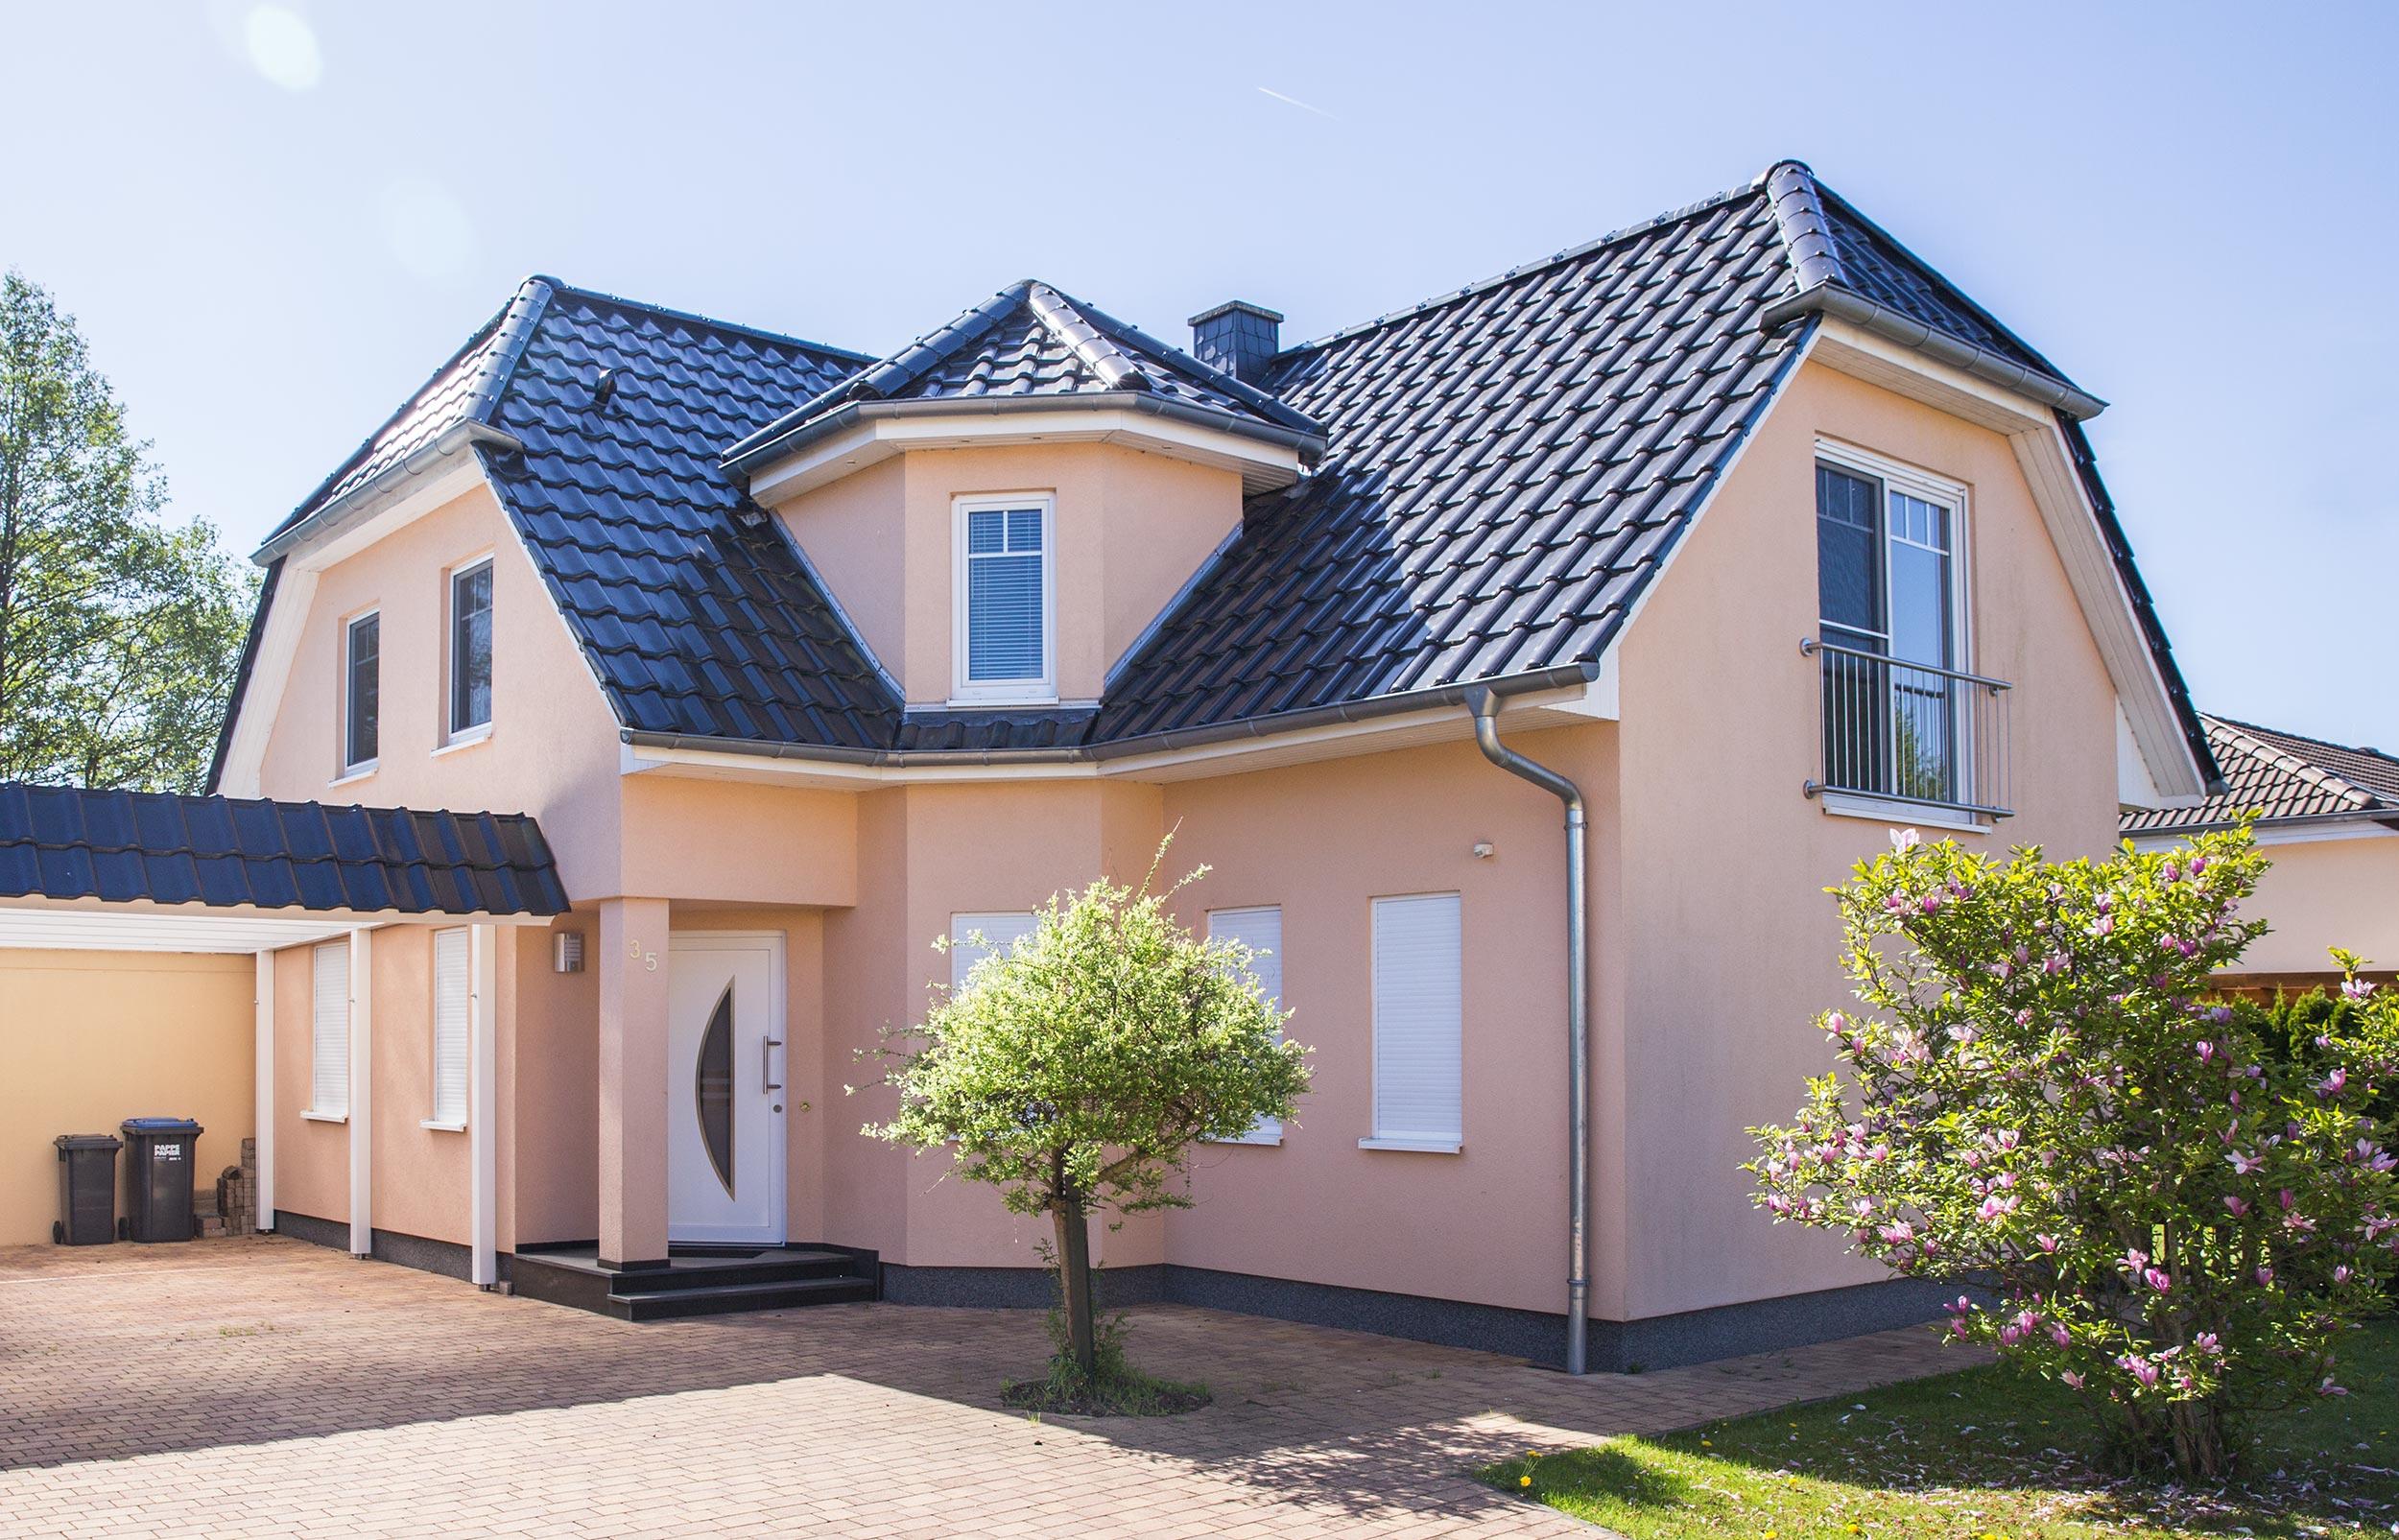 Erstklassig gepflegtes Einfamilienhaus mit Sonnengarten